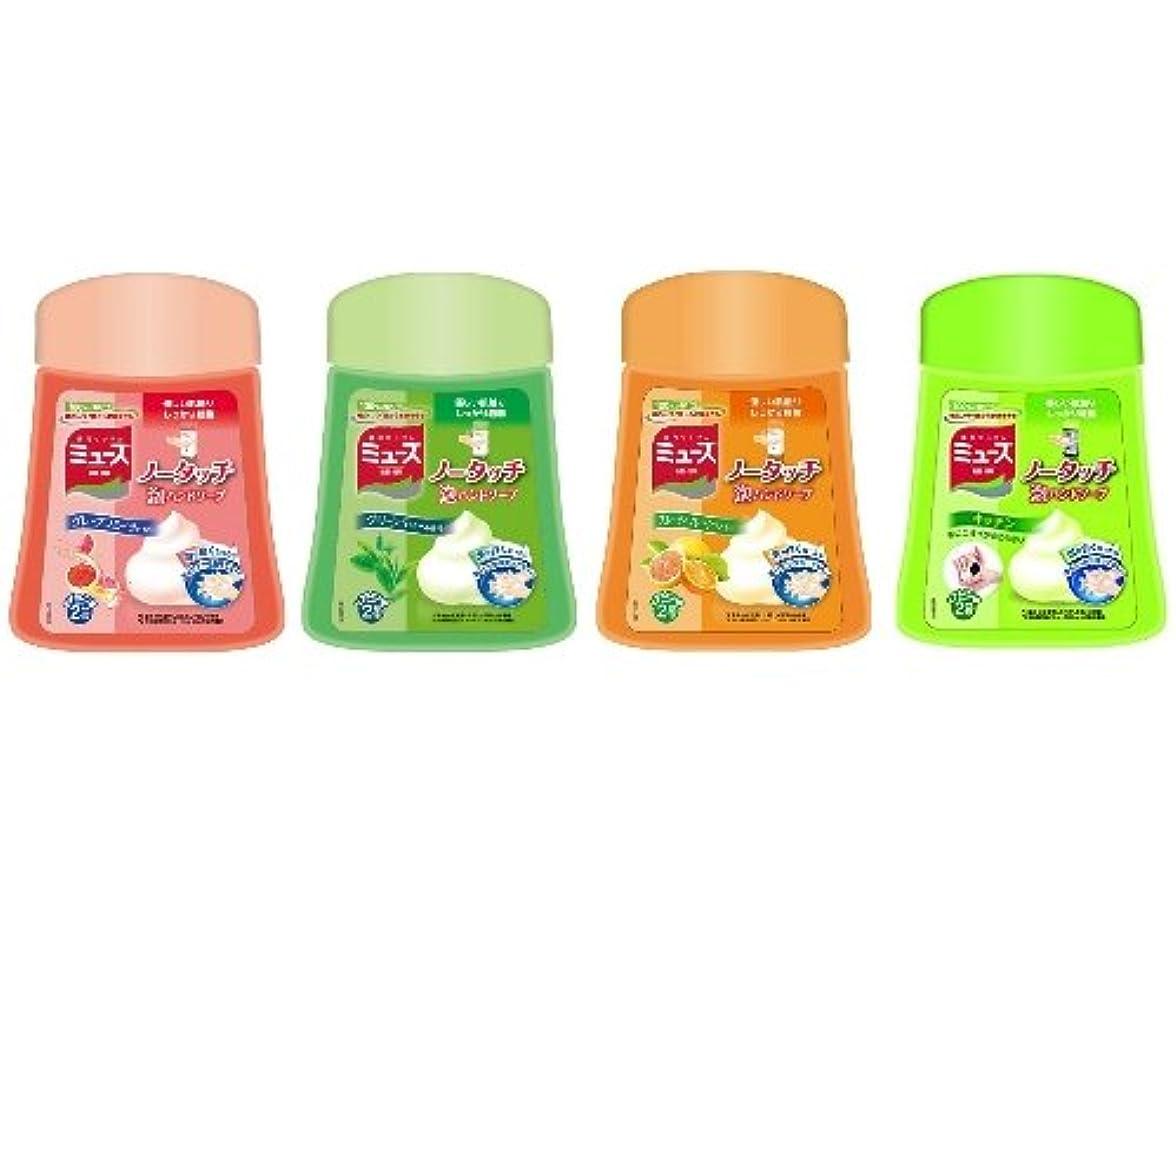 使用法謝罪するコーナーミューズ ノータッチ 泡ハンドソープ 詰替え 4種の色と香りボトル 250ml×4個 薬用ハンドソープ 手洗い 殺菌 消毒